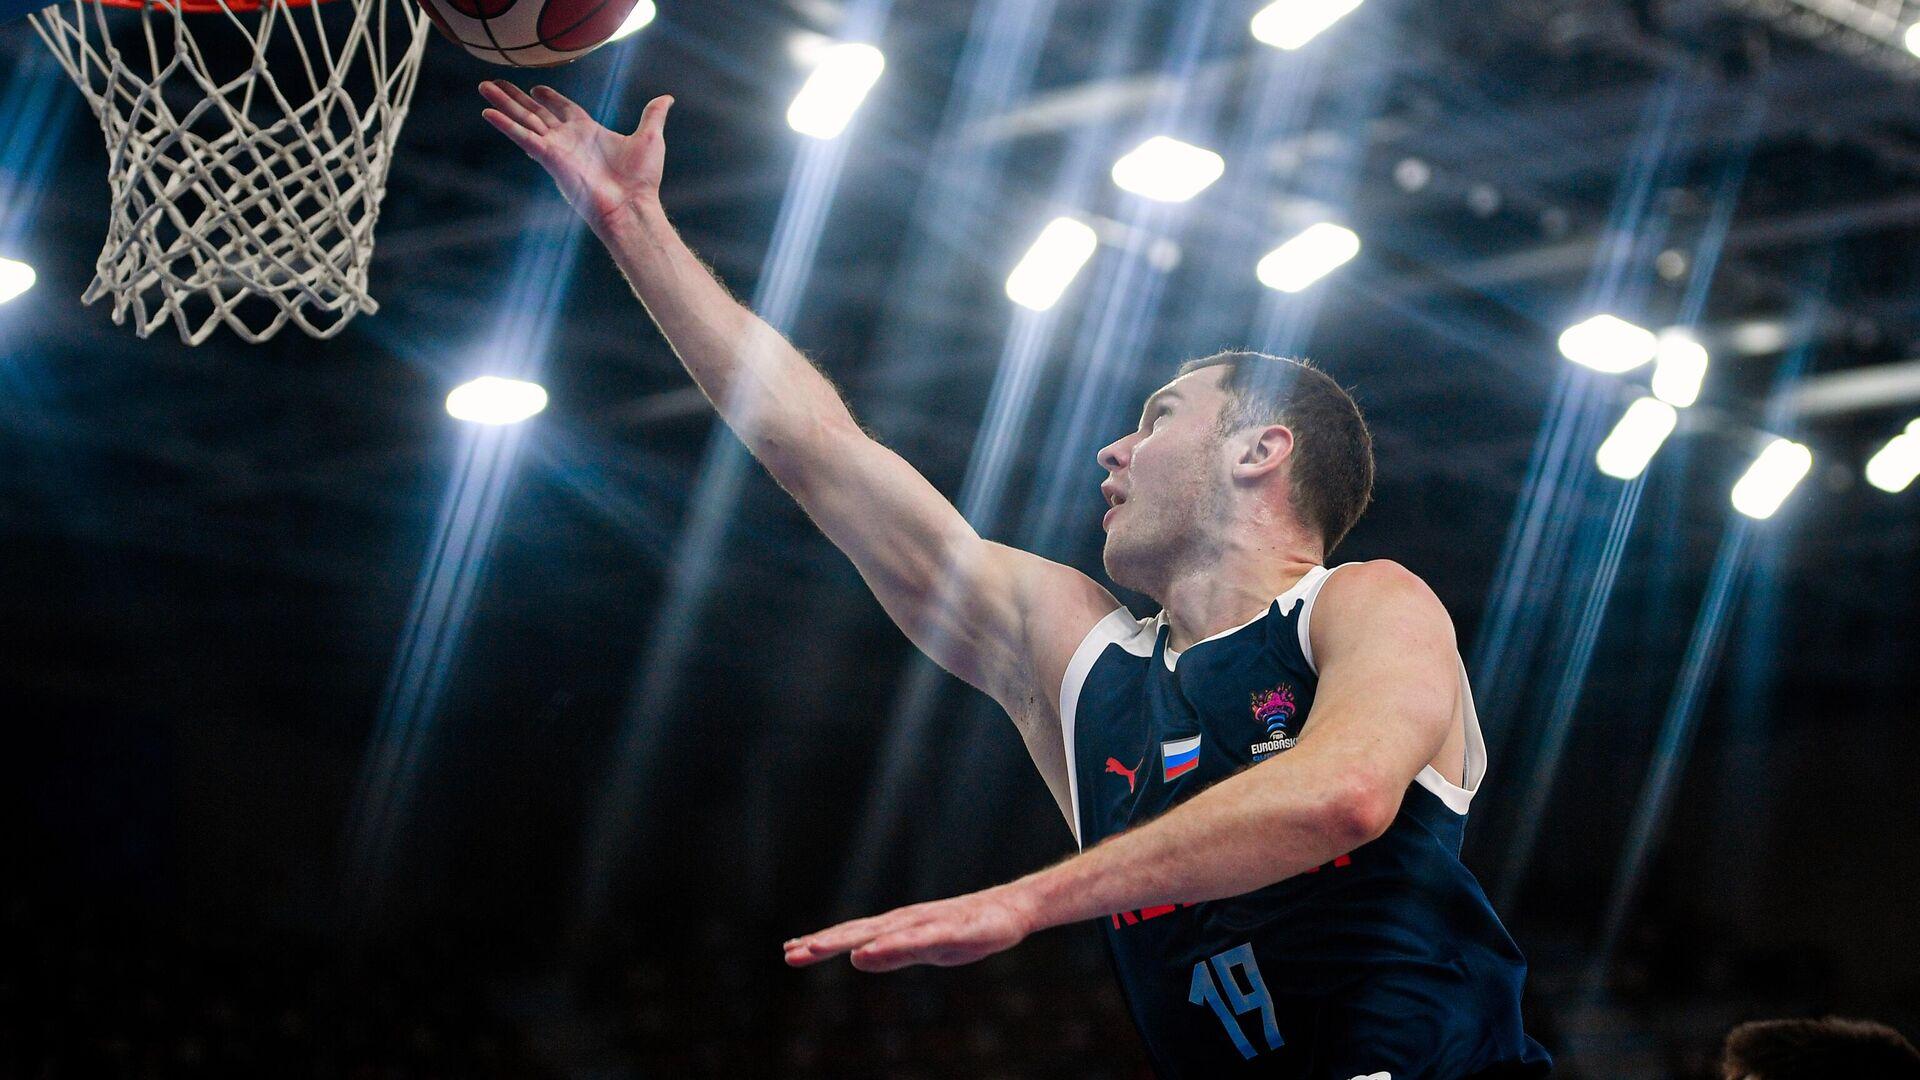 Баскетбол. Мужчины. Квалификация Евробаскета-2022. Матч Македония - Россия - РИА Новости, 1920, 03.04.2021